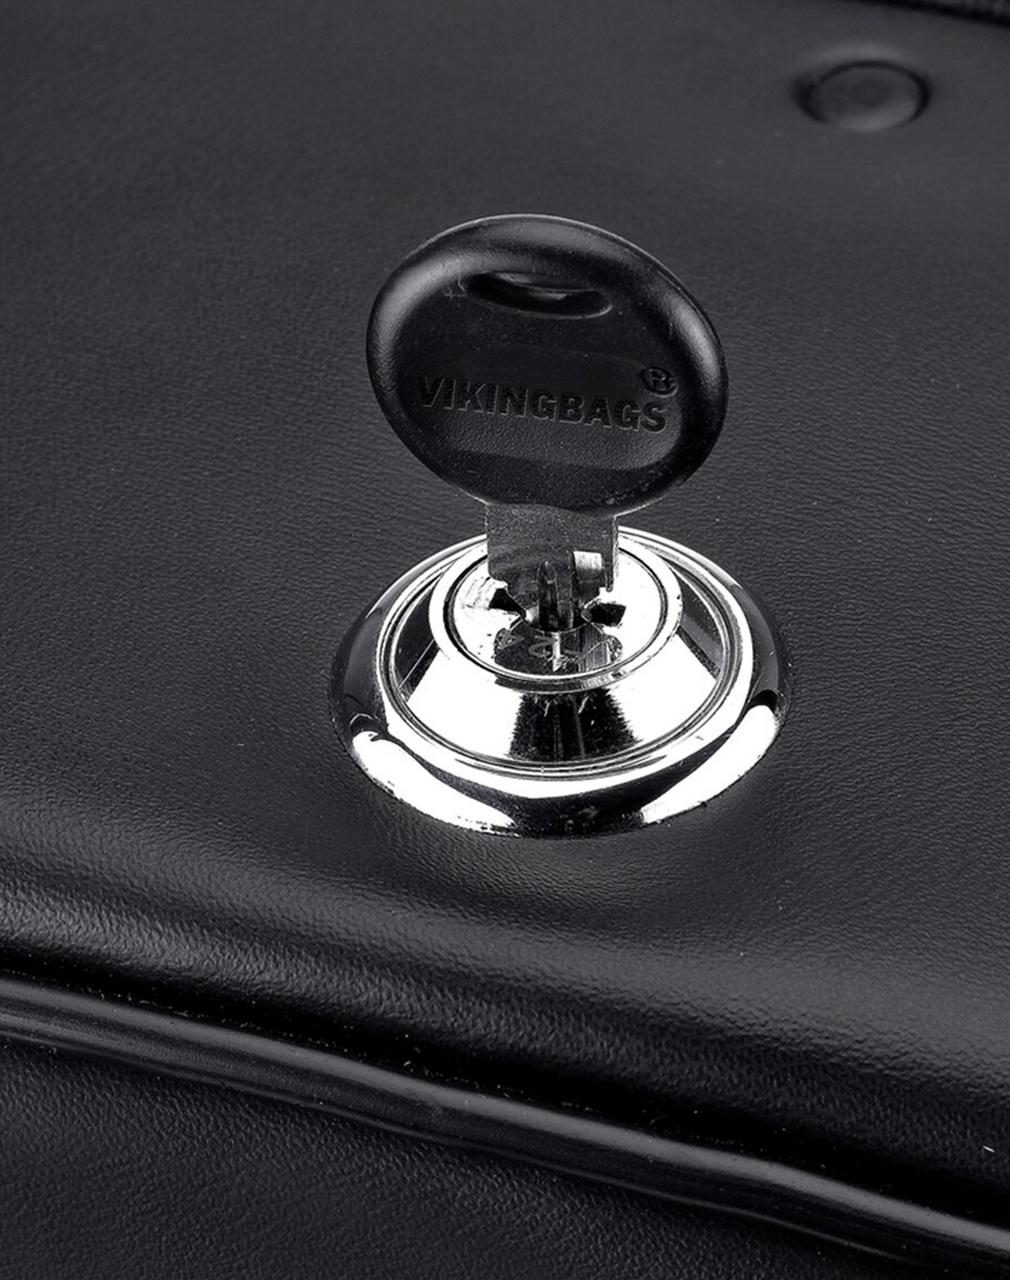 Honda Magna 750 Medium Charger Single Strap Motorcycle Saddlebags Key Lockable view